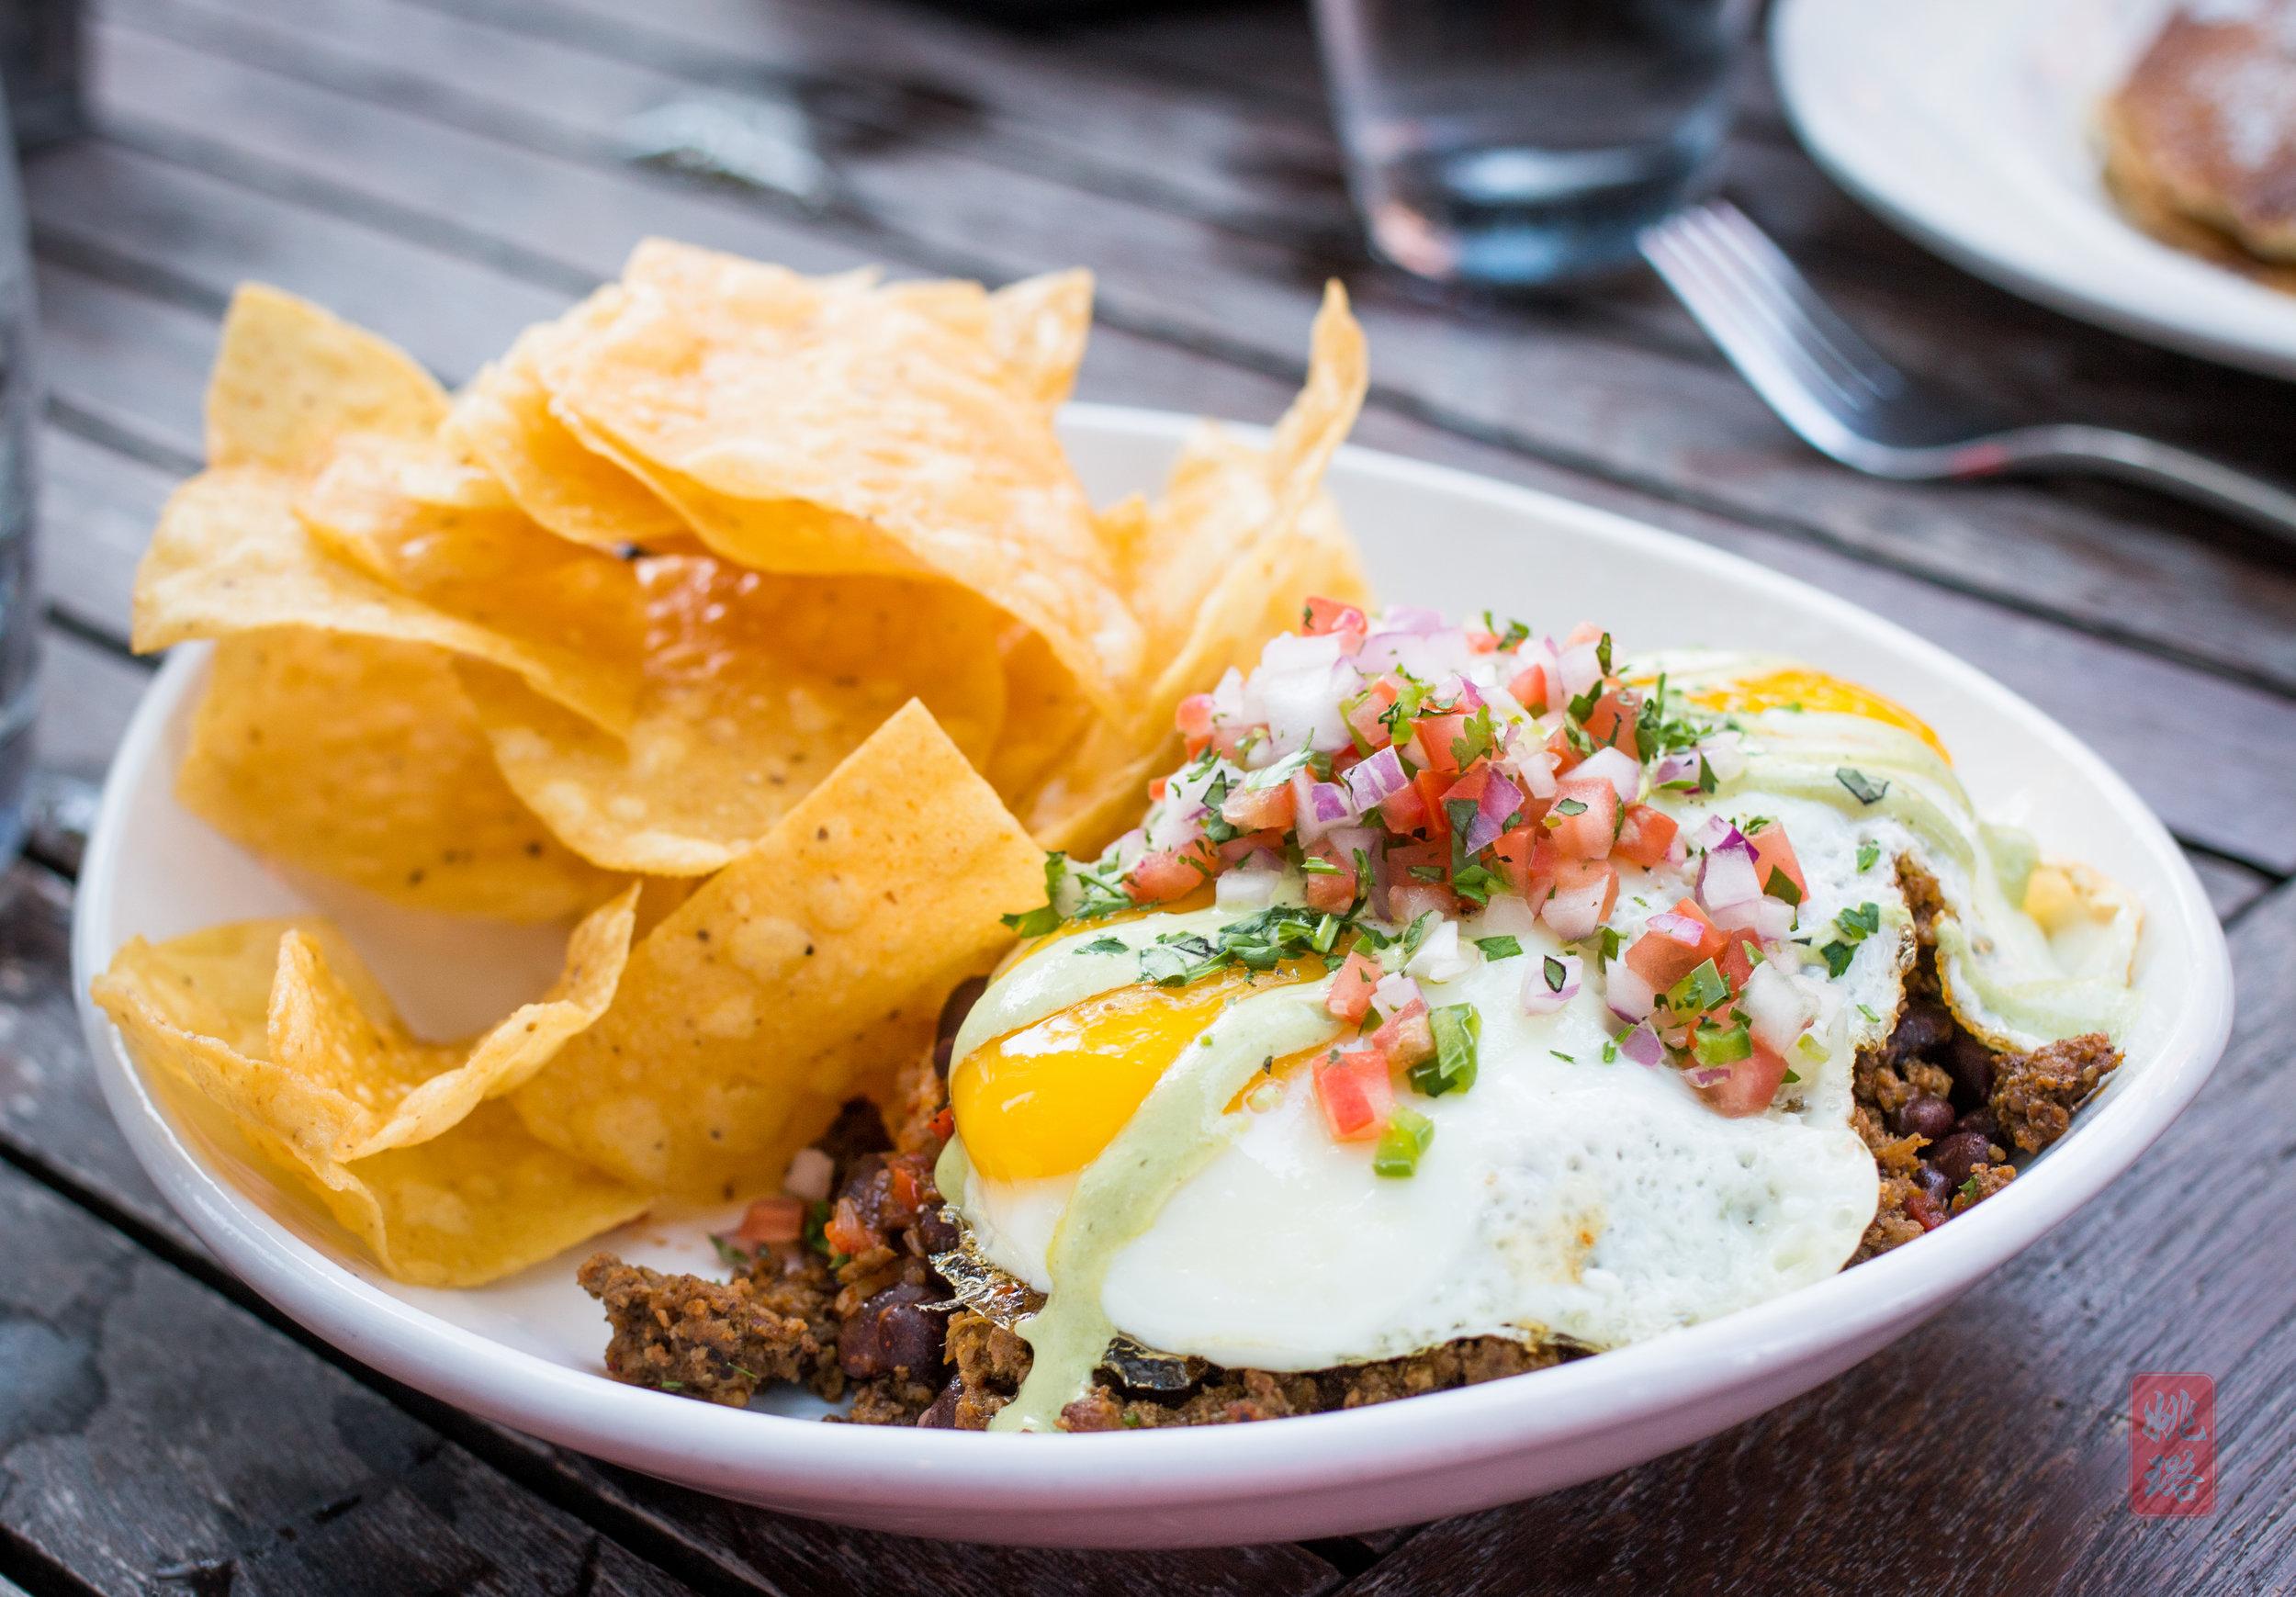 Huevos rancheros - house made chorizo, Mexican rice, Chipotle black beans, cilantro-lime crema with tortilla chips